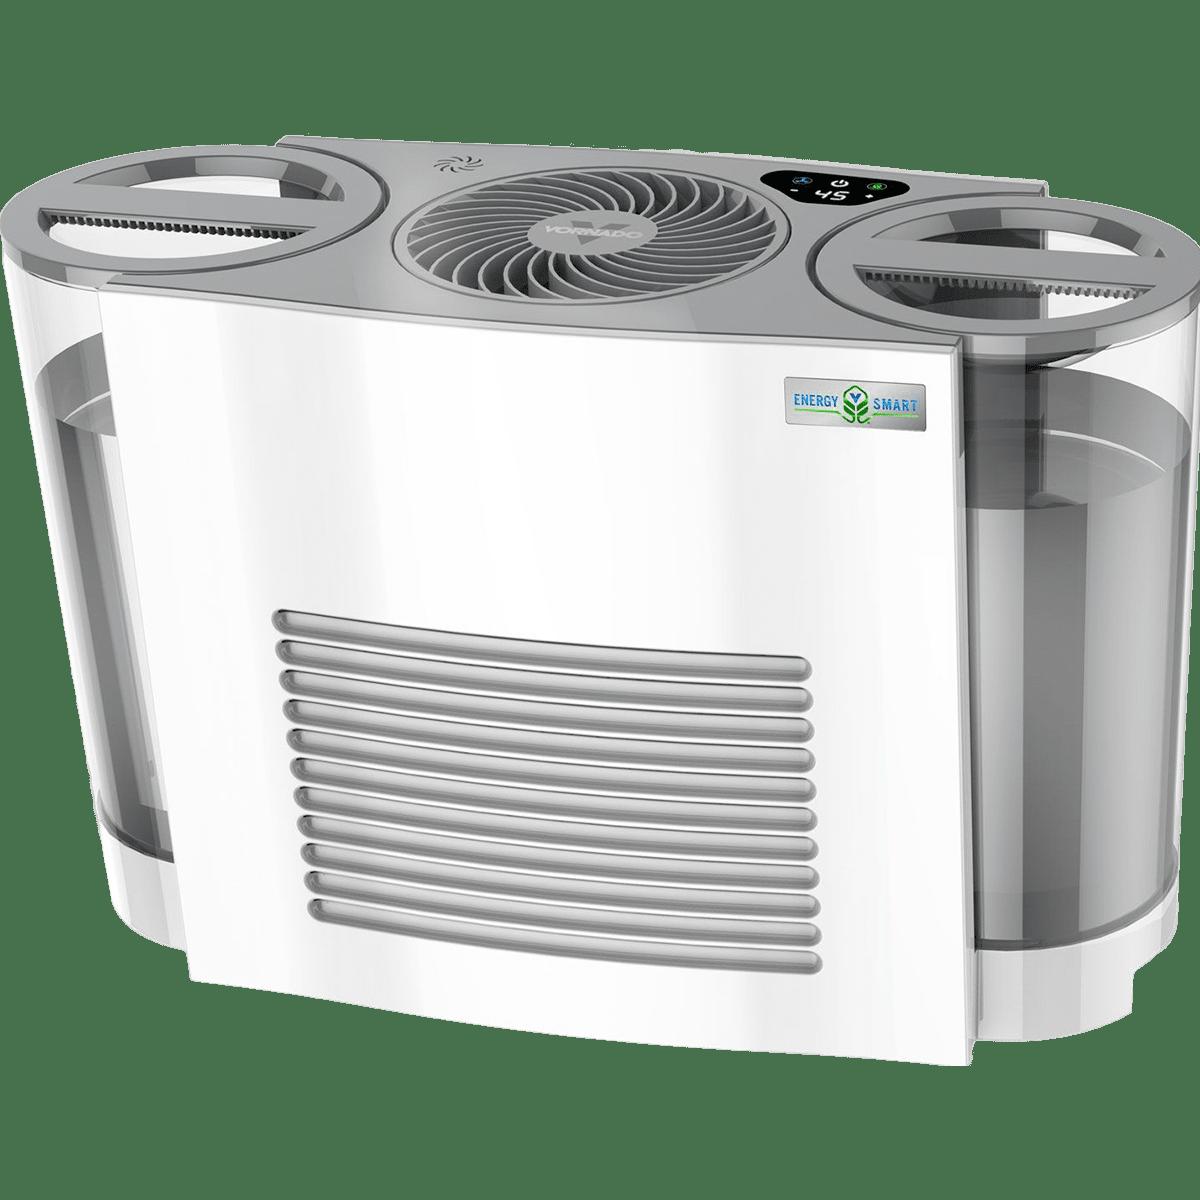 Vornado EVDC500 Energy Smart Evaporative Humidifer vo7224